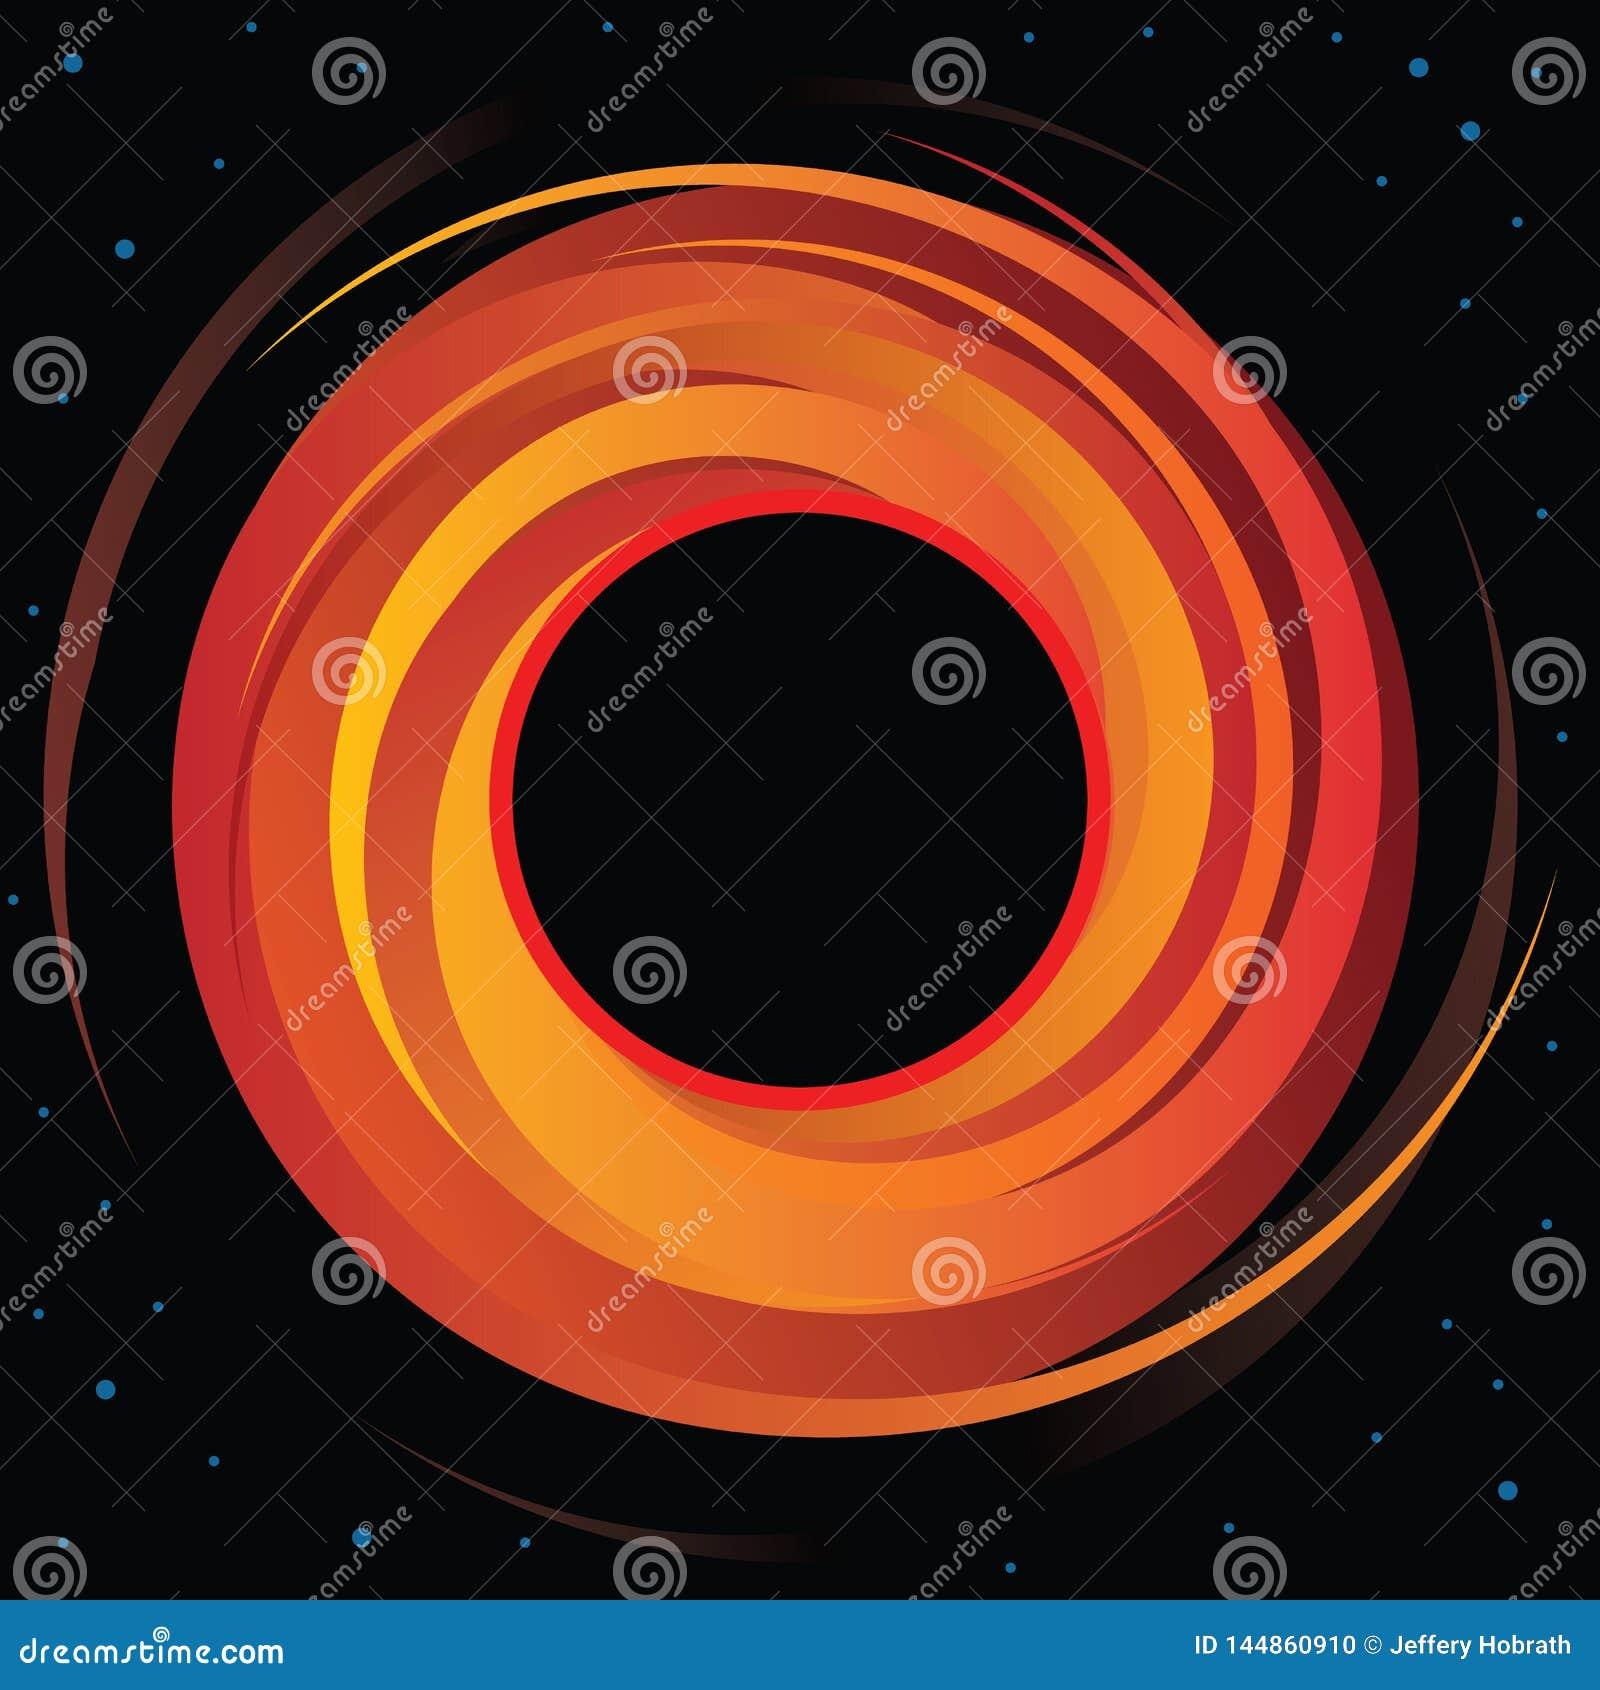 Vektor-Grafik des supermassiven Schwarzen Loches